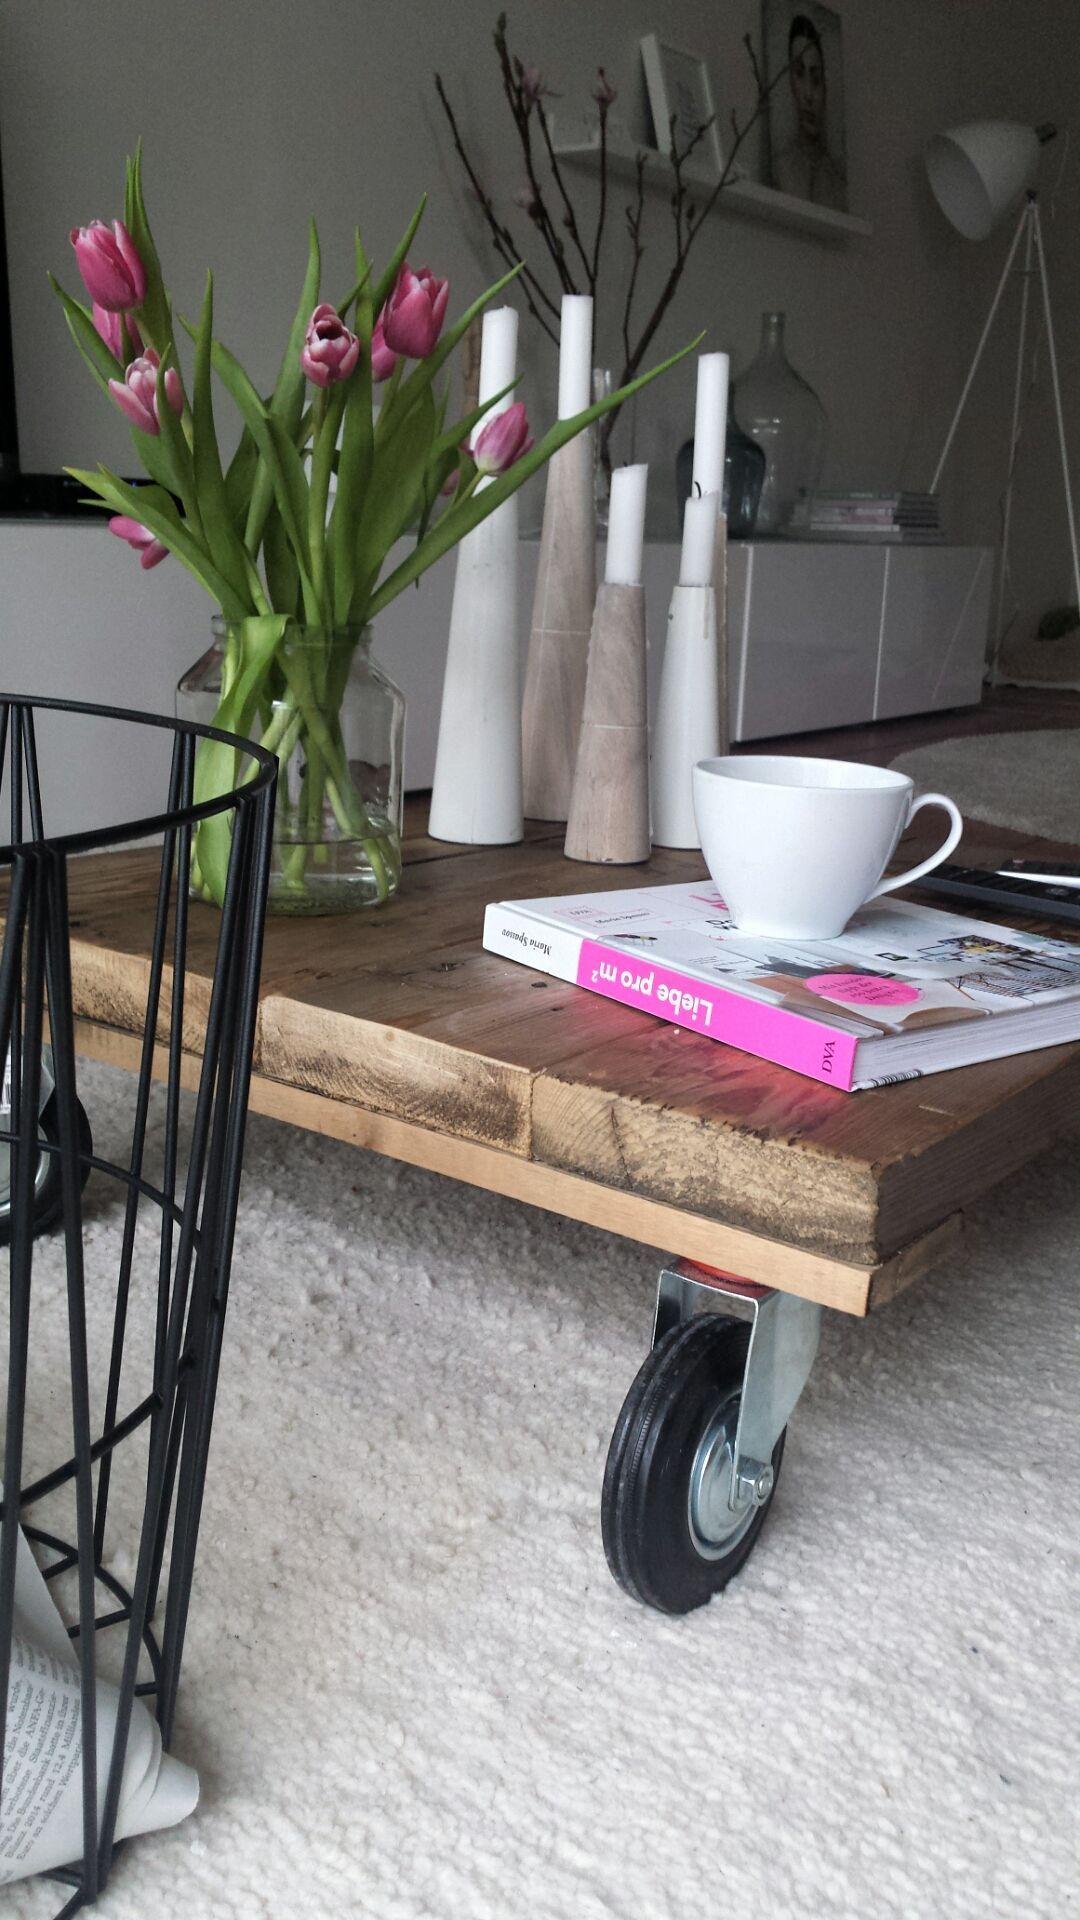 ideen mit alten brettern khles ideen fr die hauses alte balken dekorieren cm hoch home living. Black Bedroom Furniture Sets. Home Design Ideas